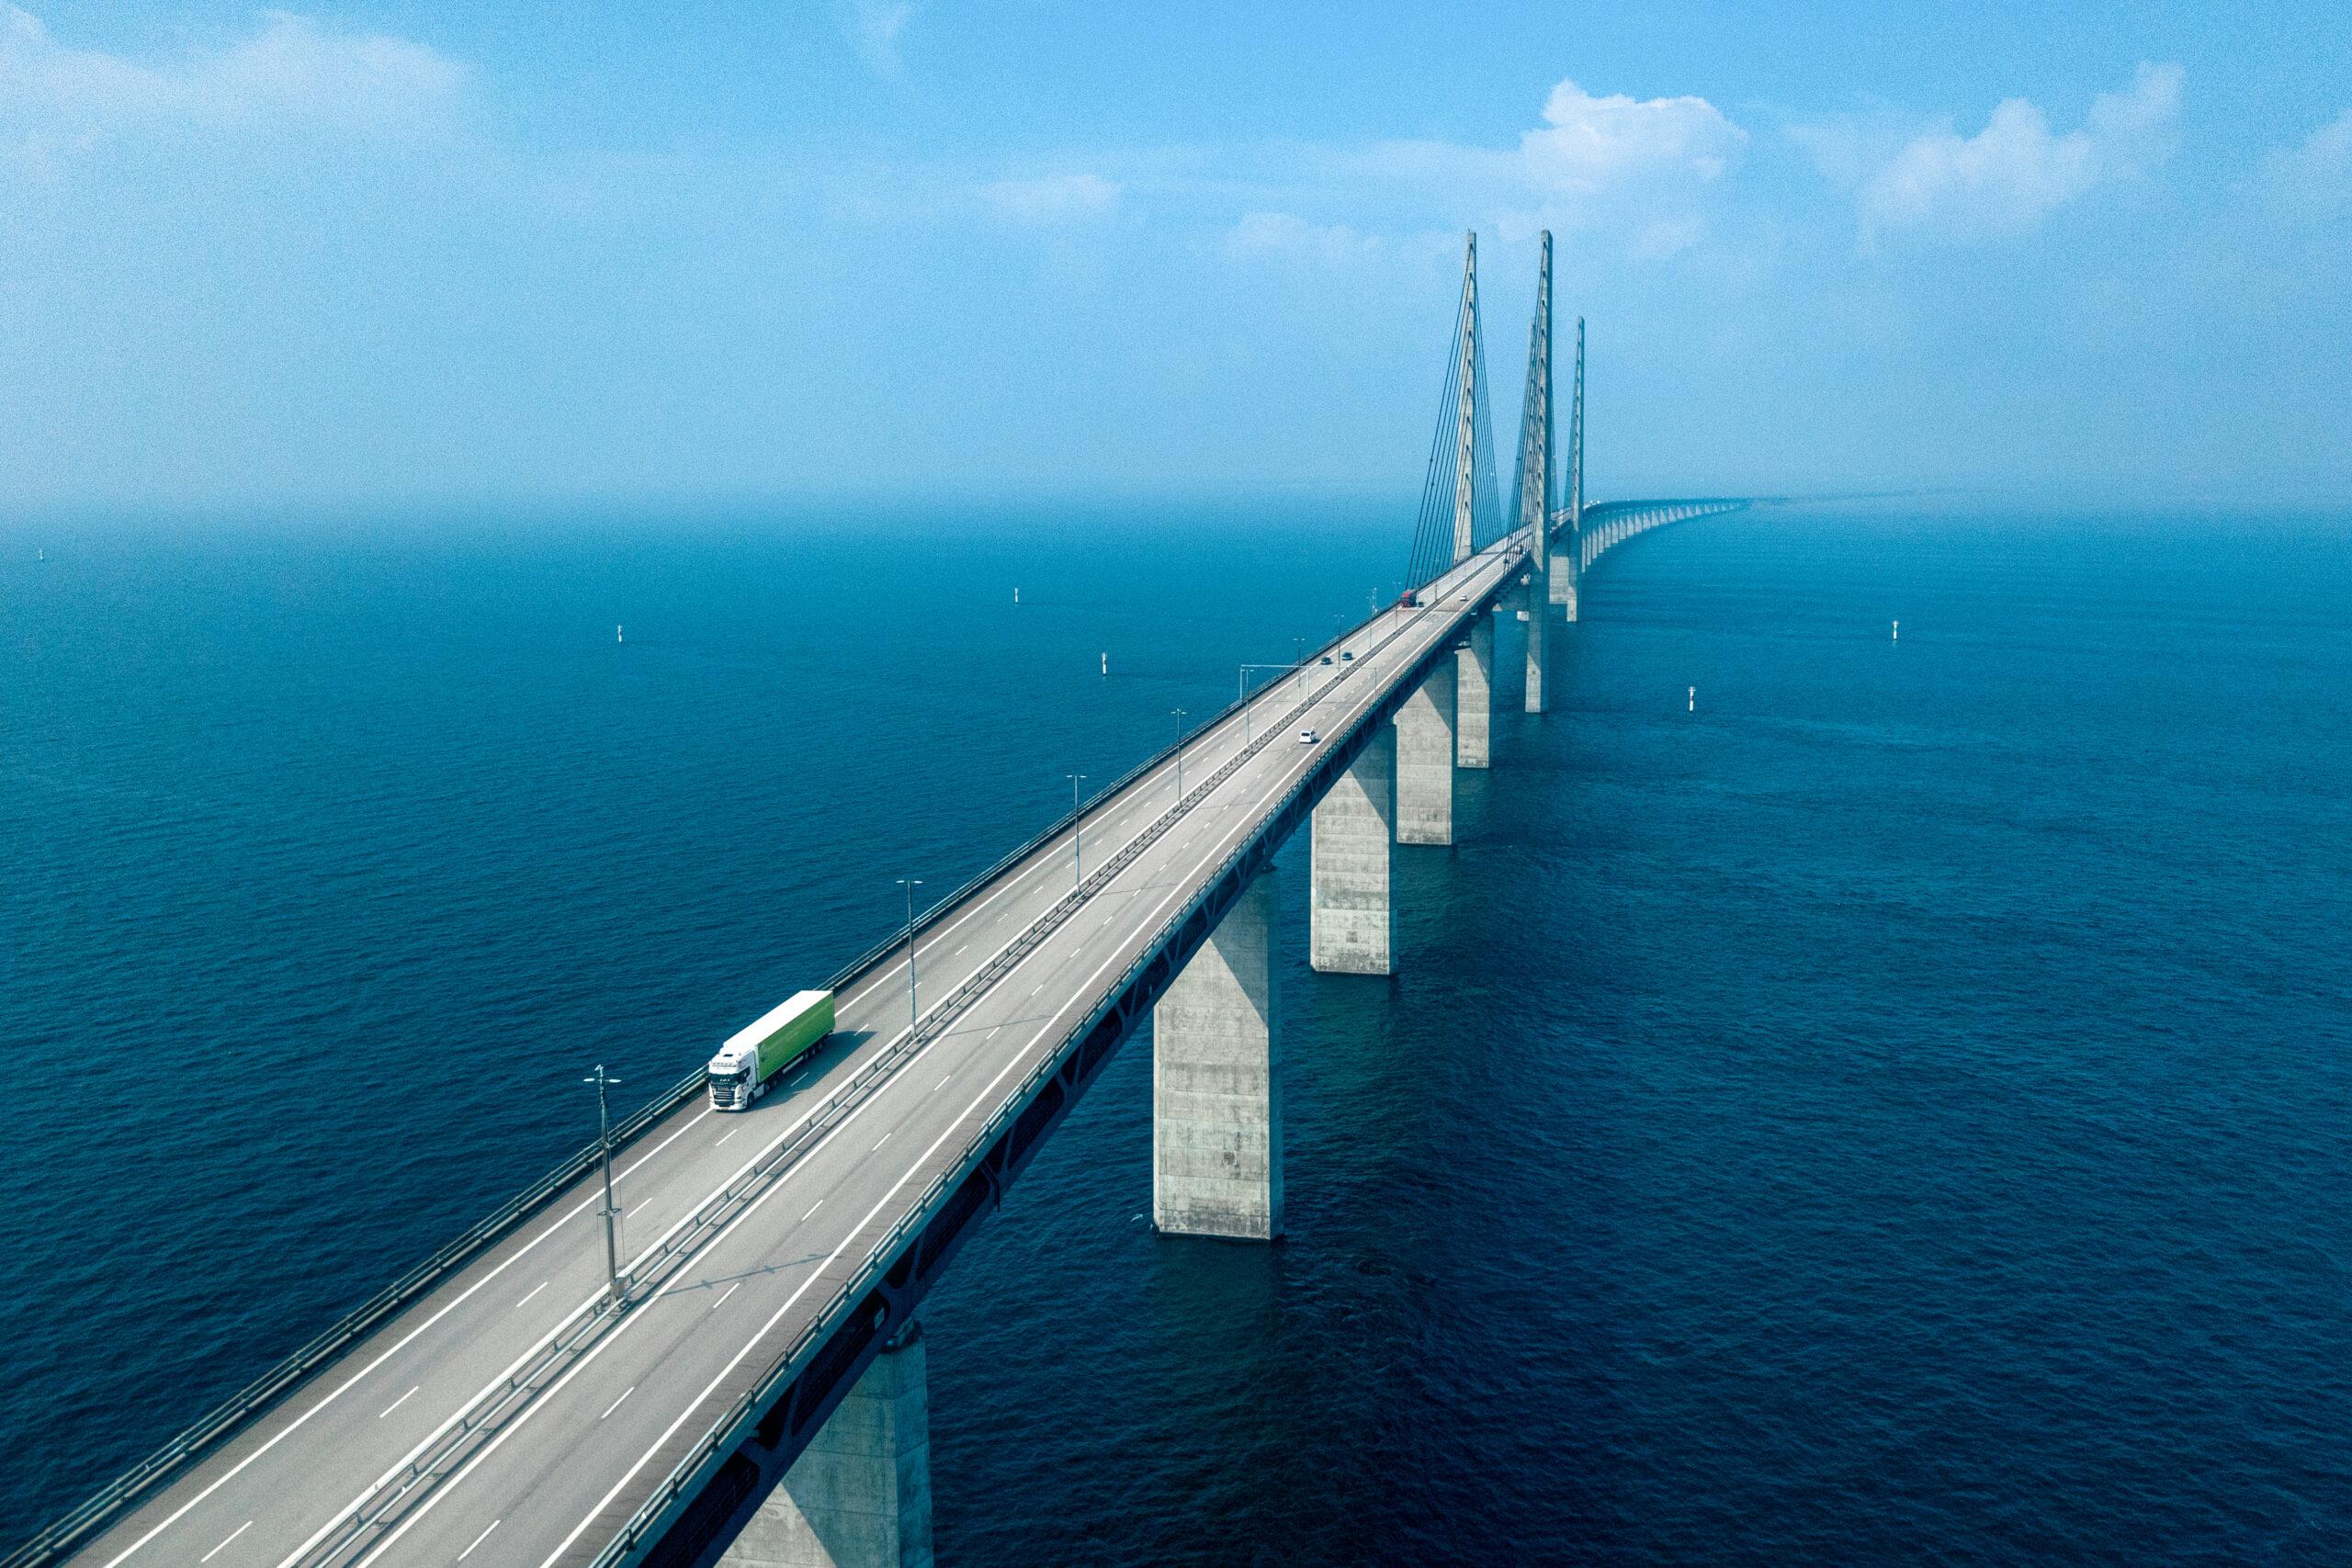 橋を渡っているトラックの写真です。